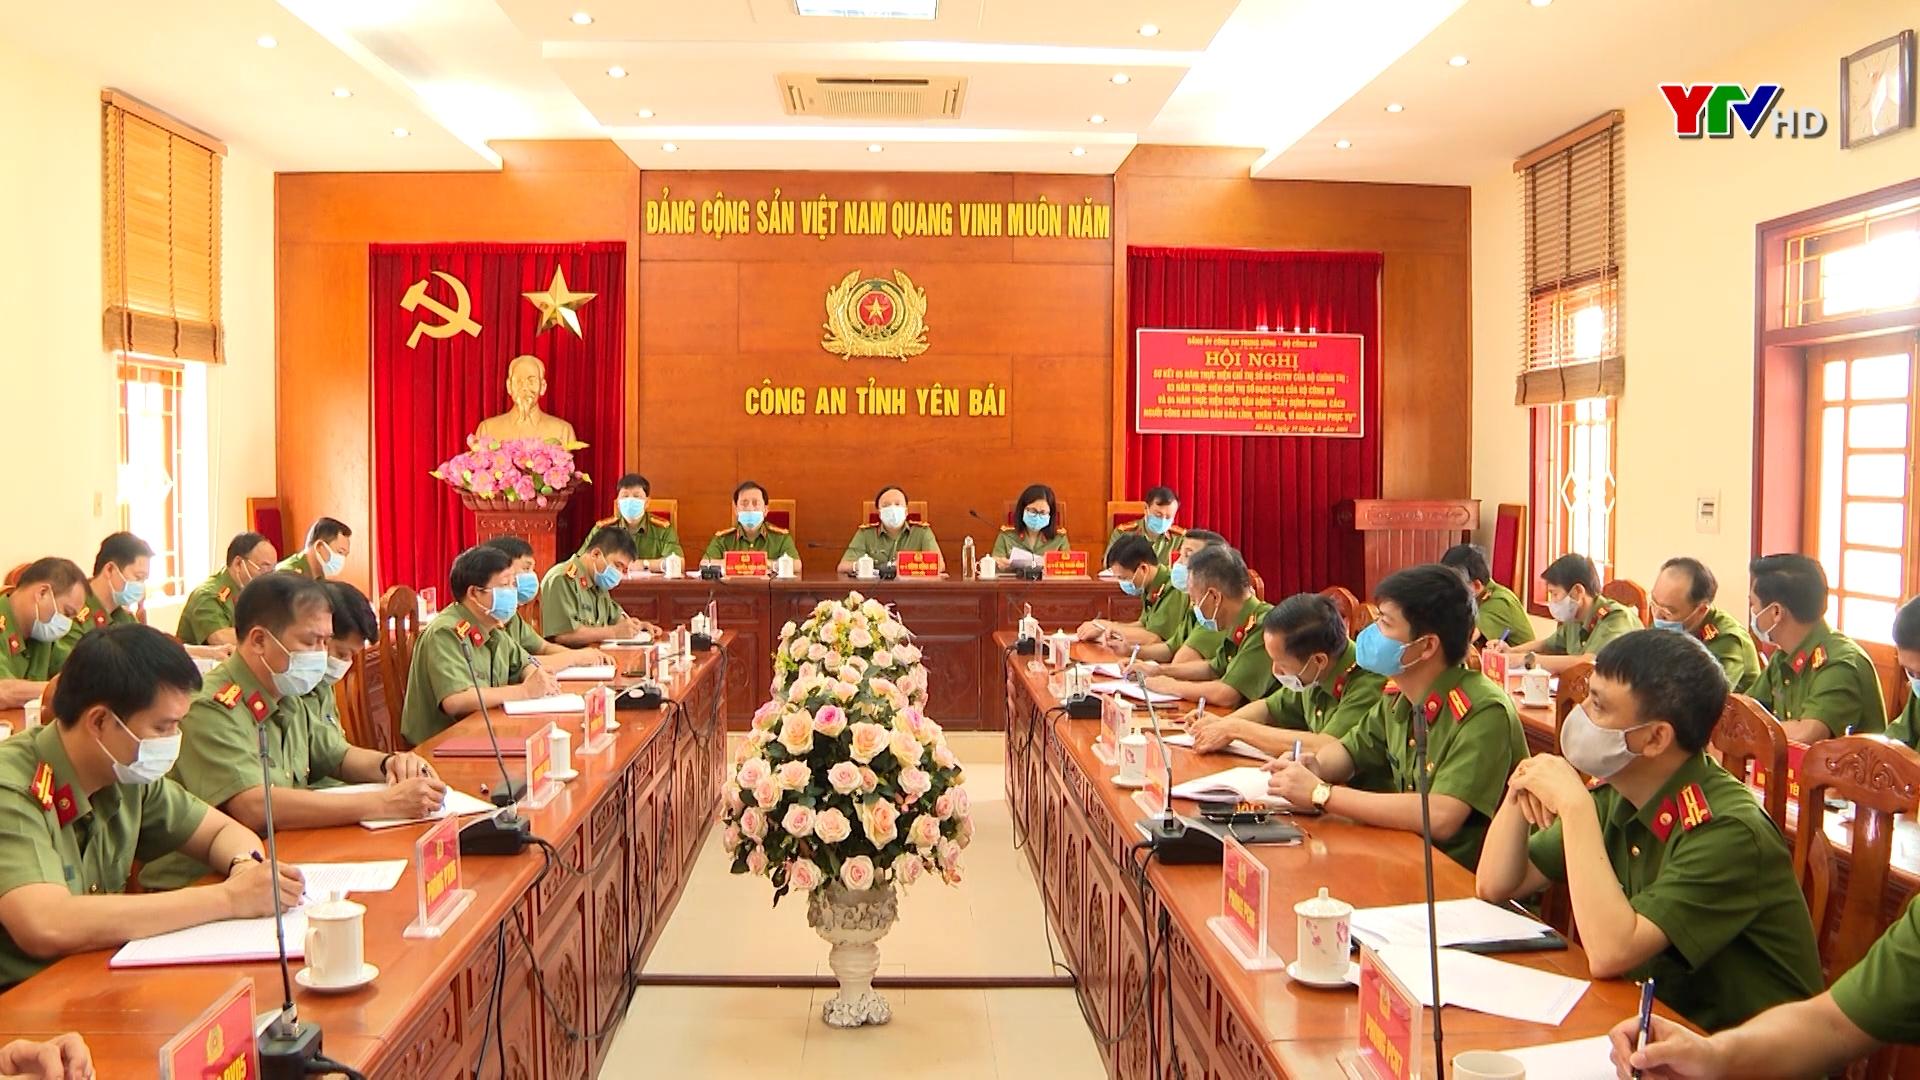 Cán bộ, chiến sỹ Công an nhân dân đẩy mạnh học tập và làm theo tư tưởng, đạo đức, phong cách Hồ Chí Minh